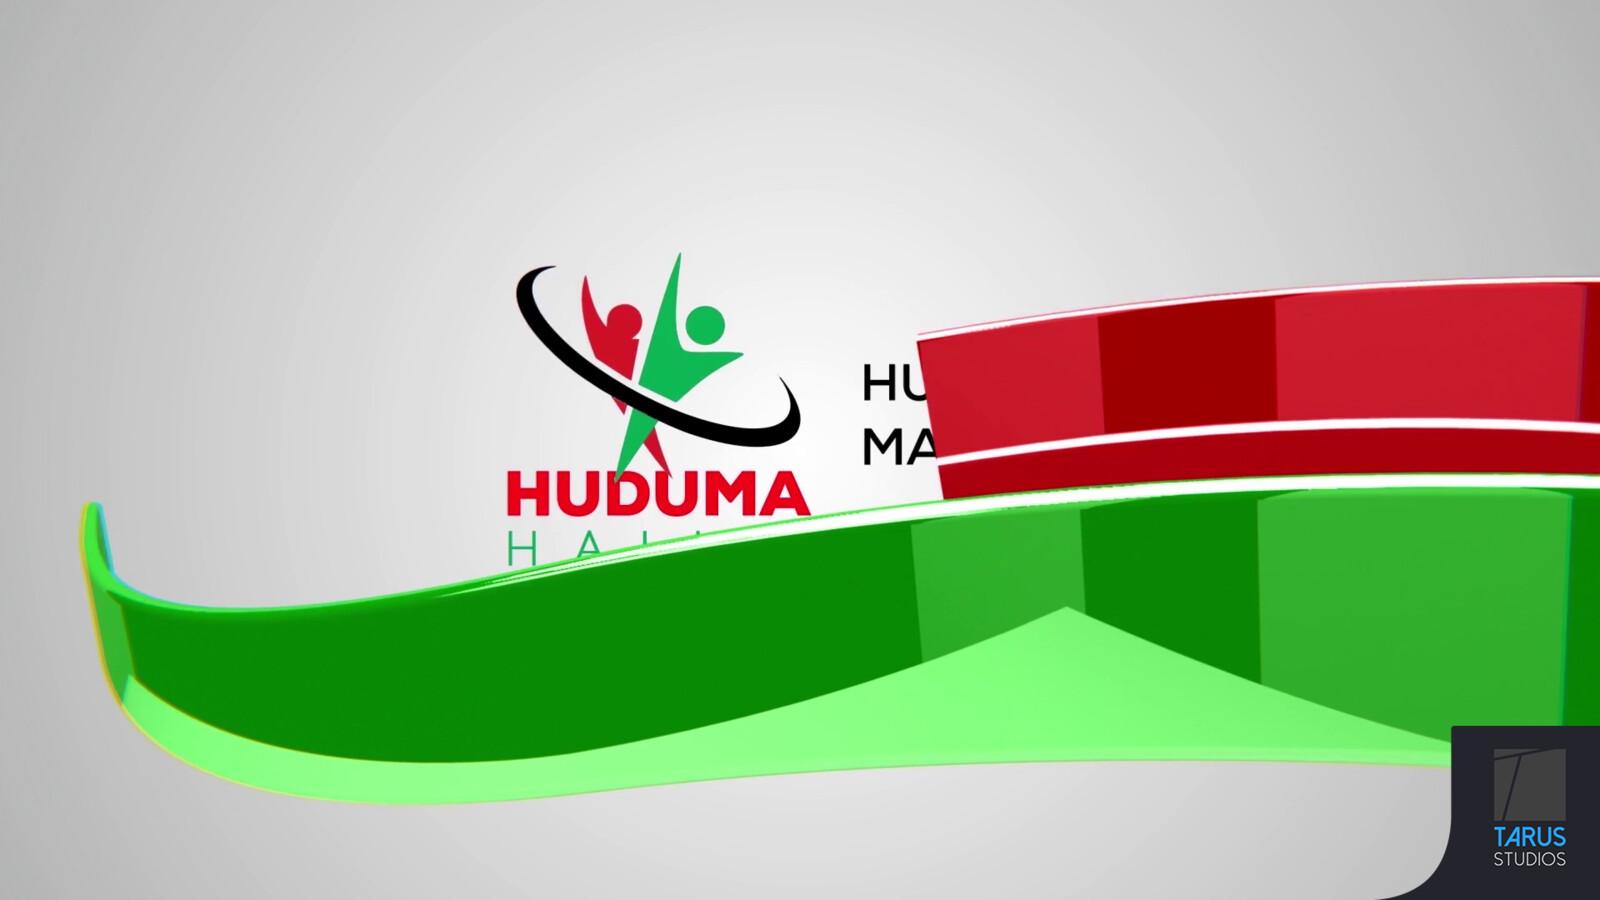 HUDUMA HALISI CAMPAIGN